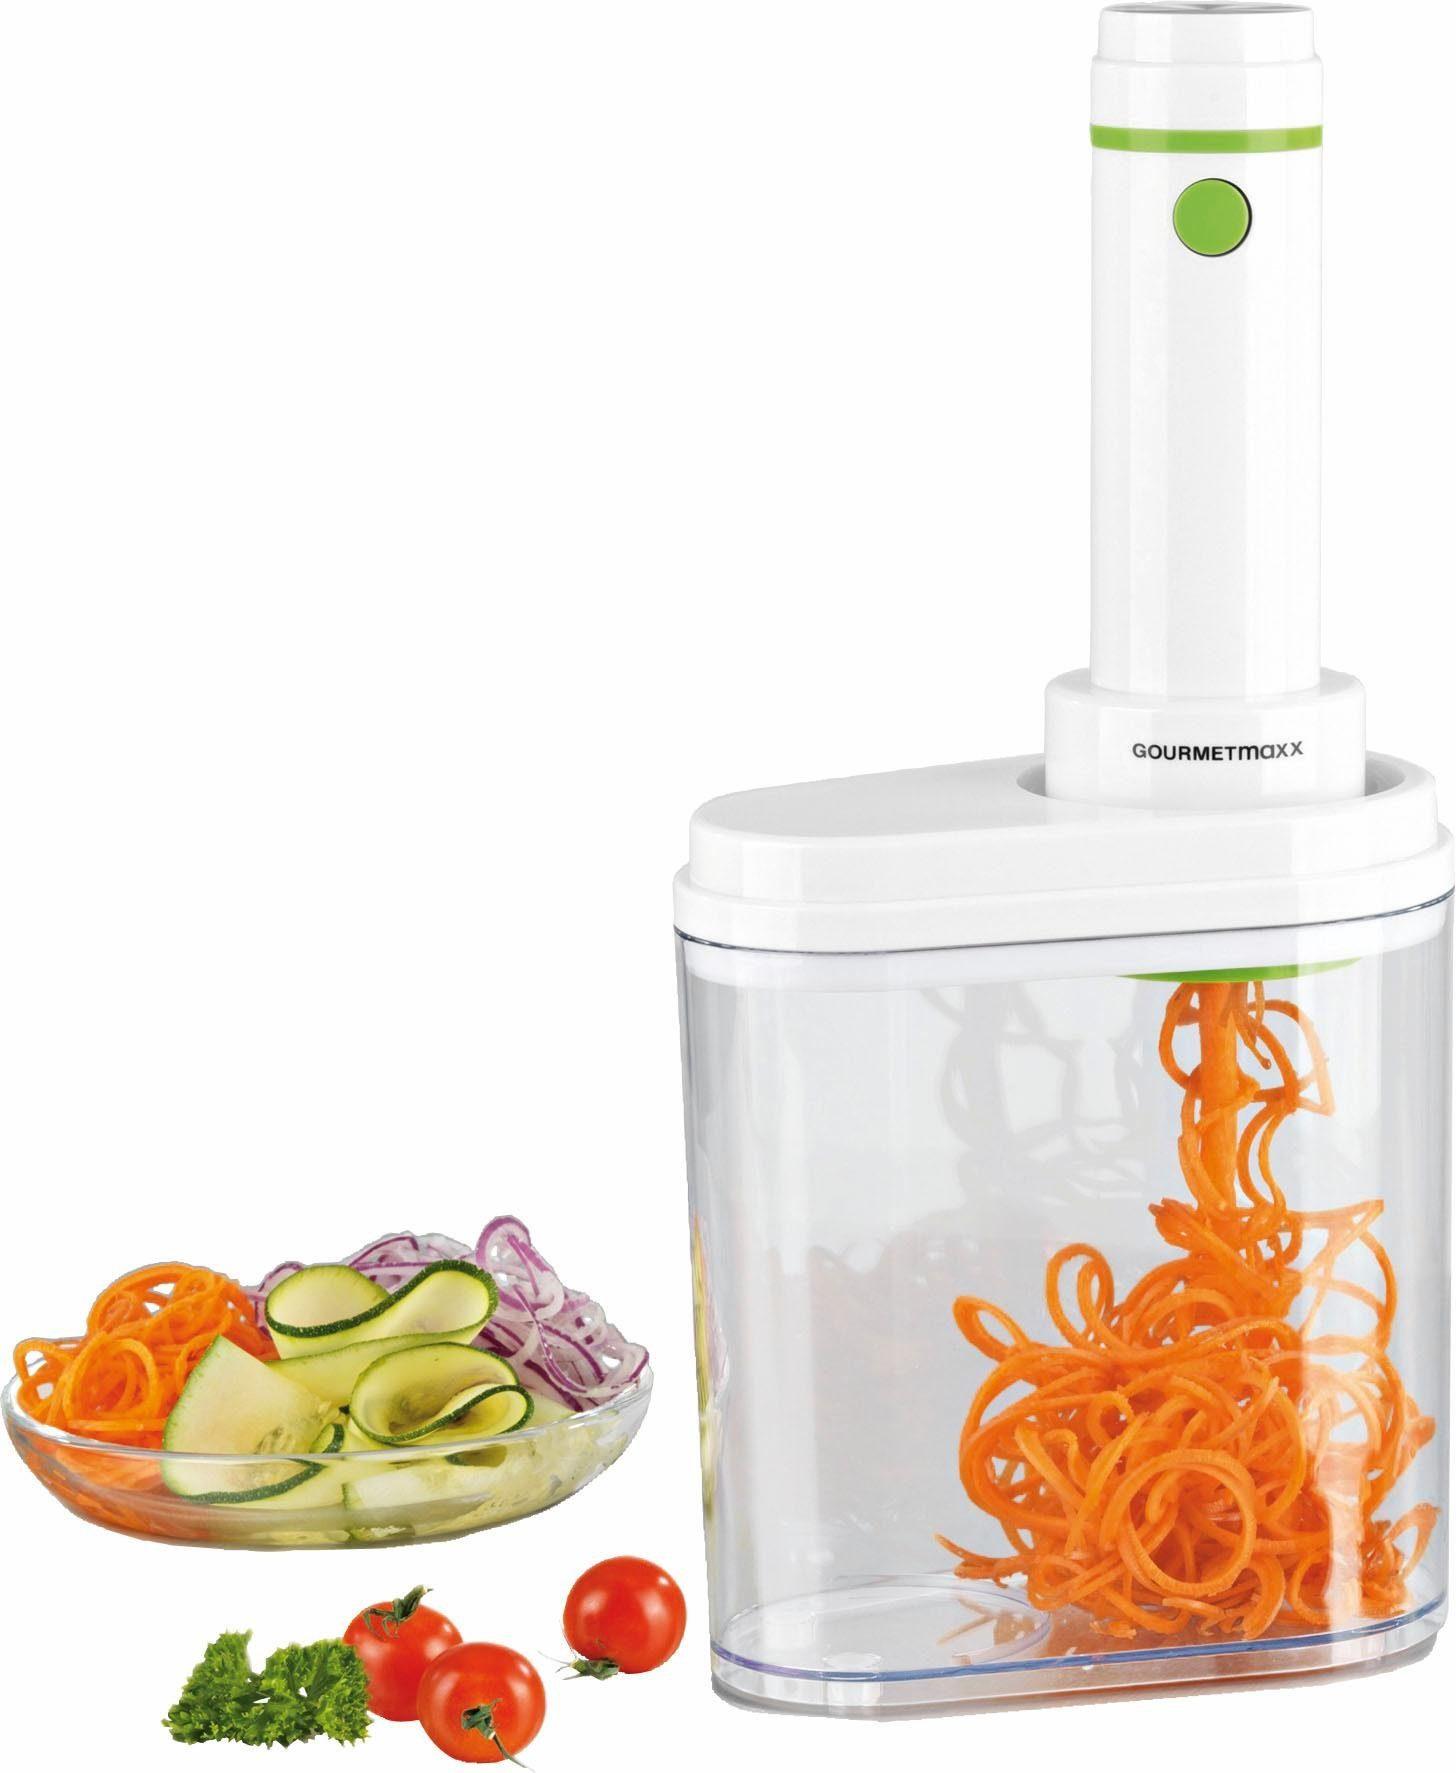 Gourmet Maxx Spiralschneider, 100 Watt, weiß/limegreen